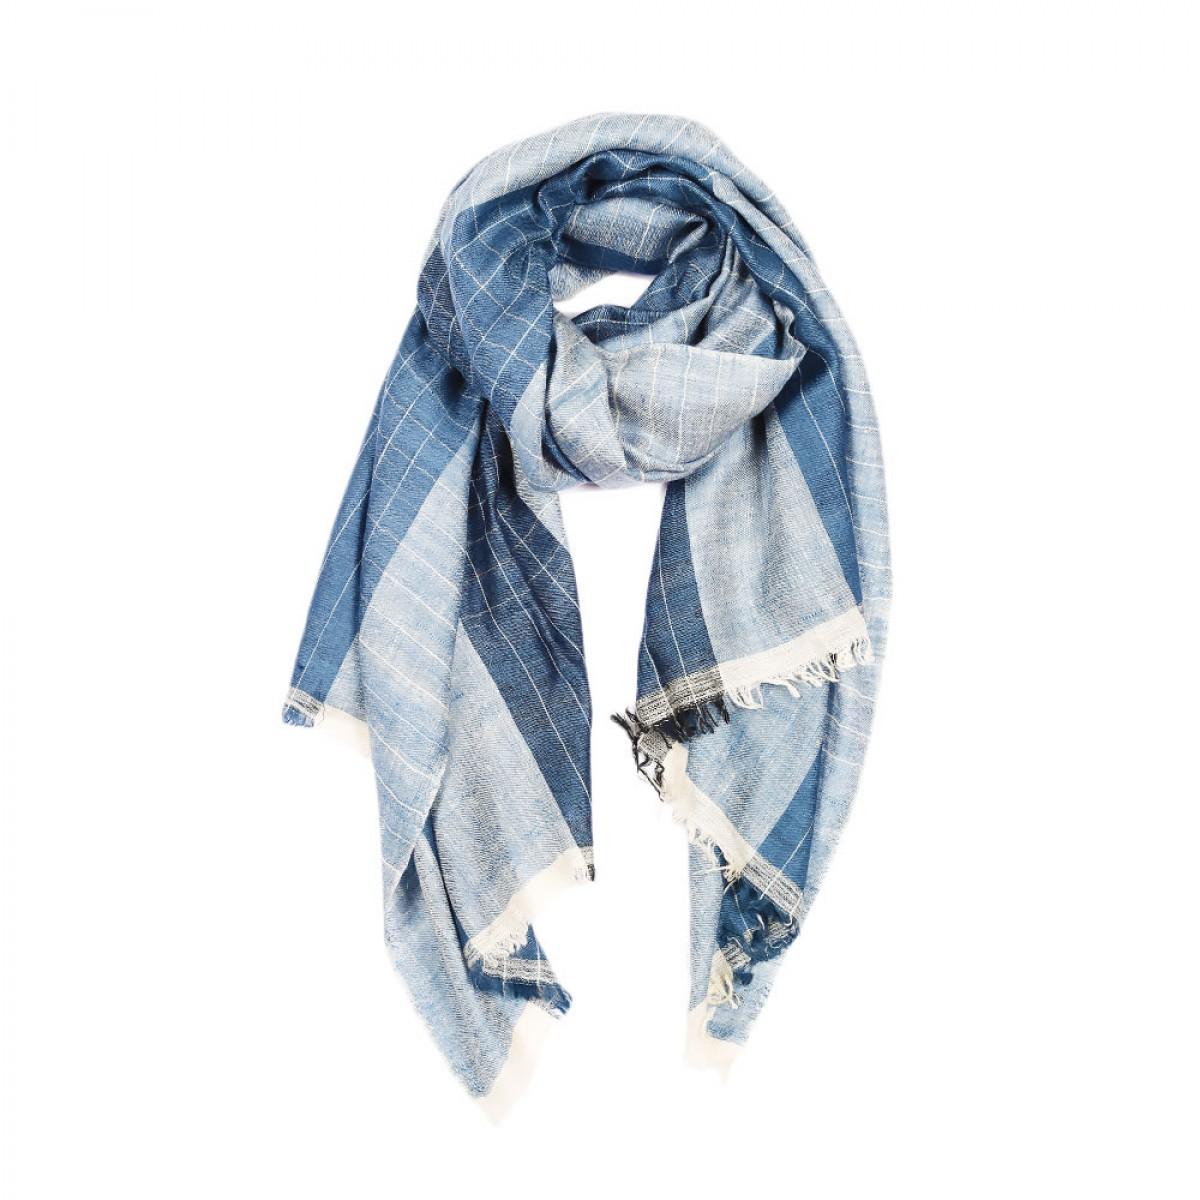 Ikat Pashmina Scarf - Blue